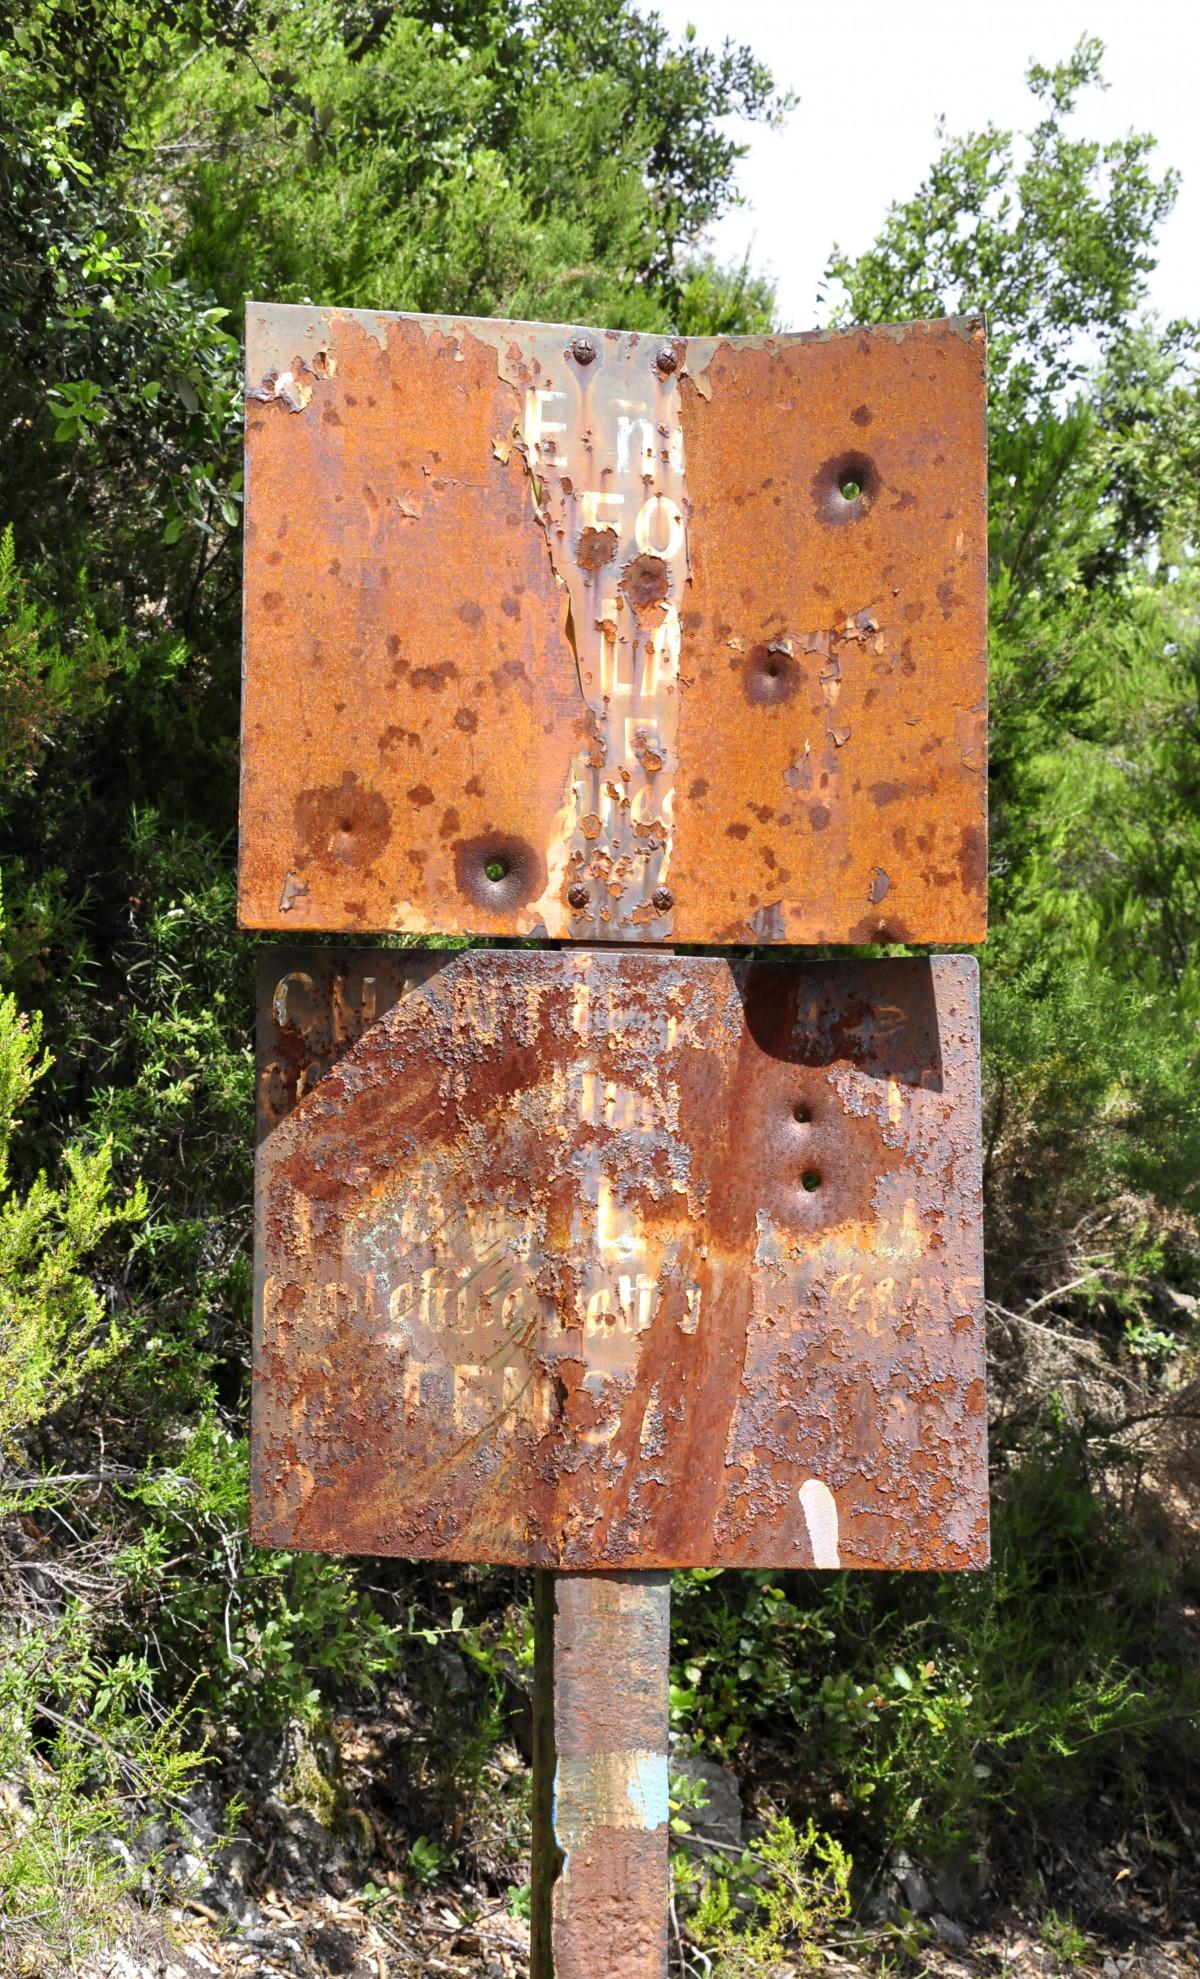 무료 이미지 : 나무, 구조, 목재, 늙은, 빨간, 금속, 부식, 벽돌 ...